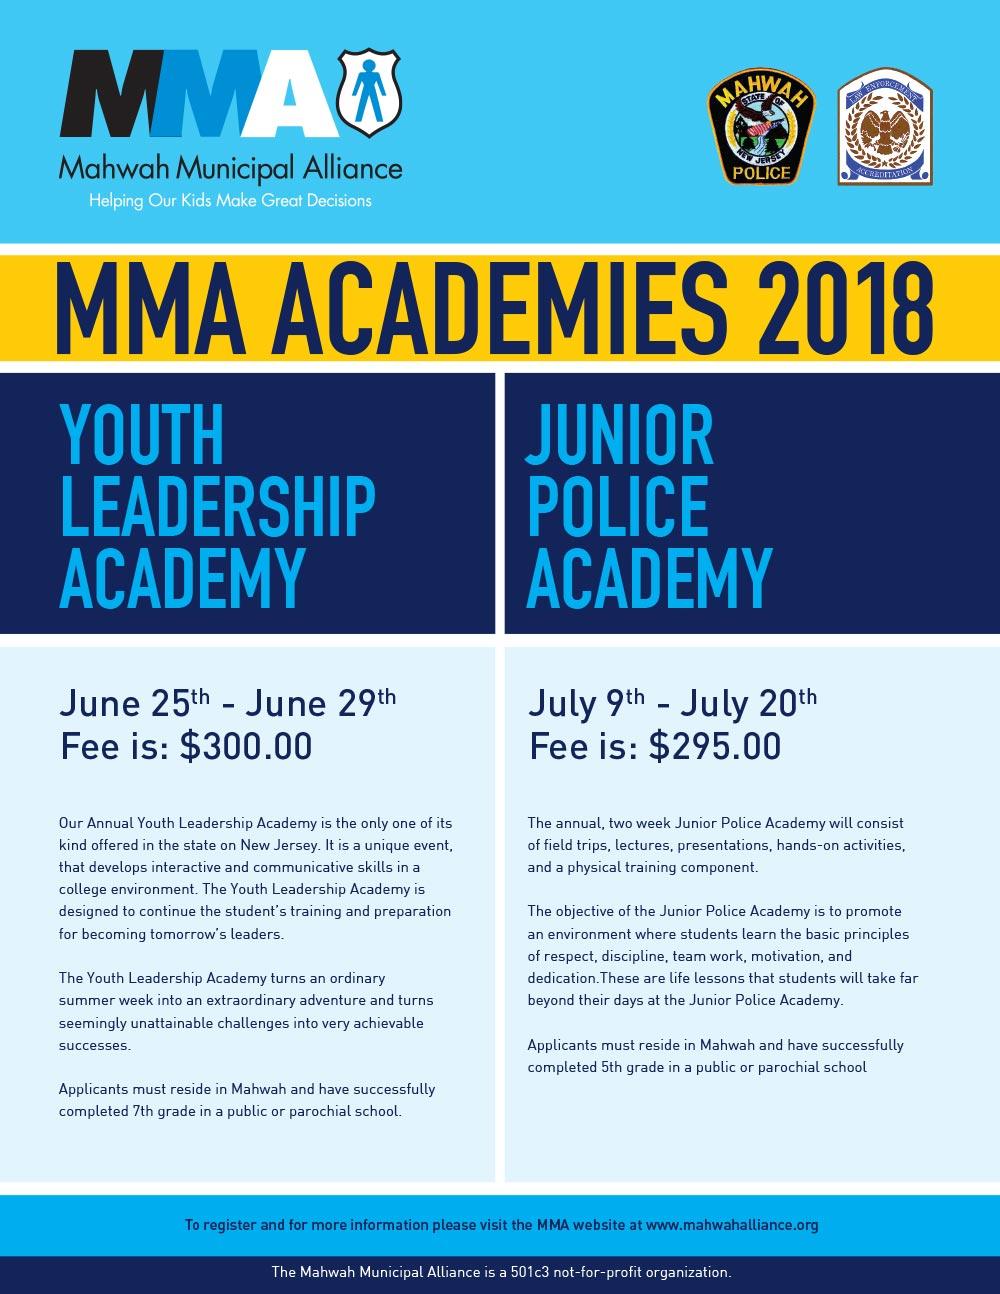 MMA-Summer-Academies-Flyer-3-18.jpg